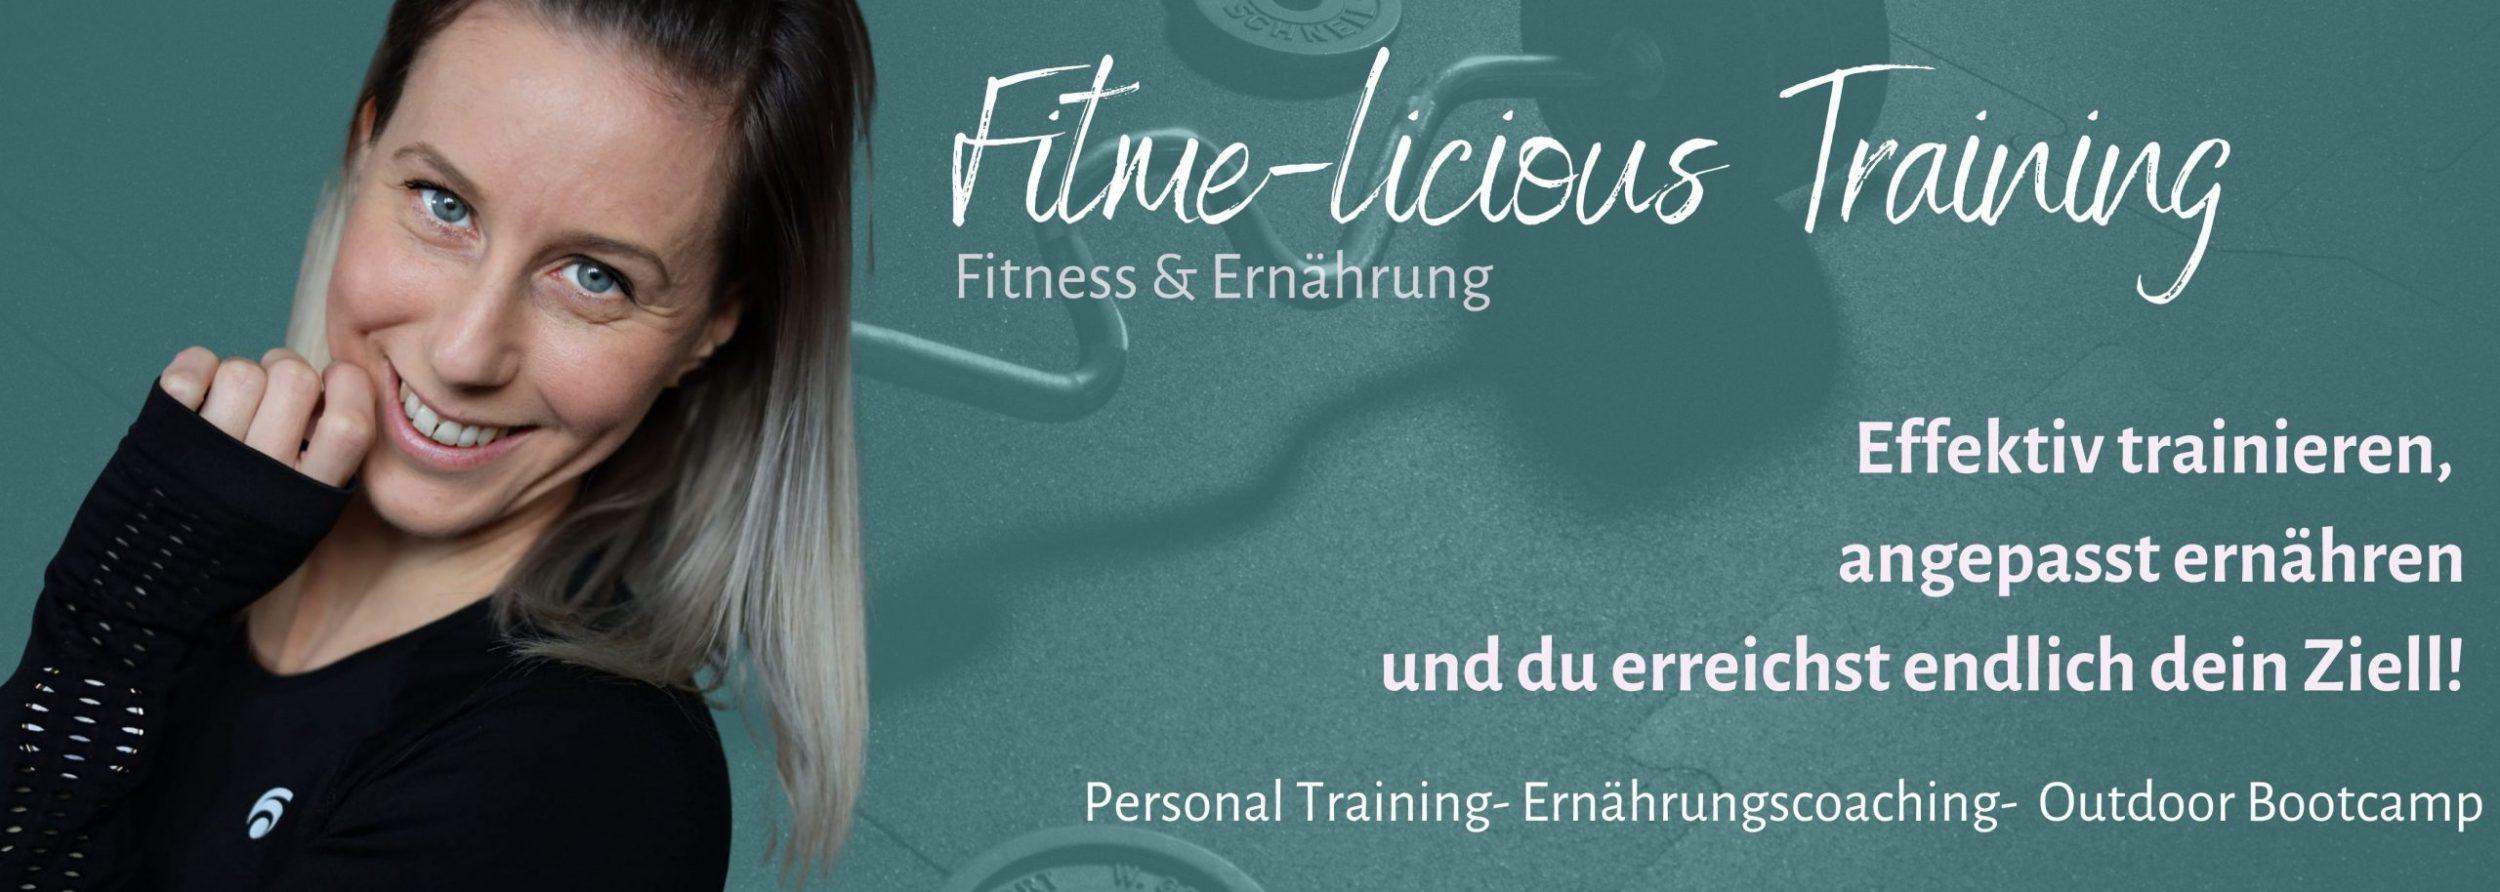 Fitness- und Ernährungstraining in Mödling